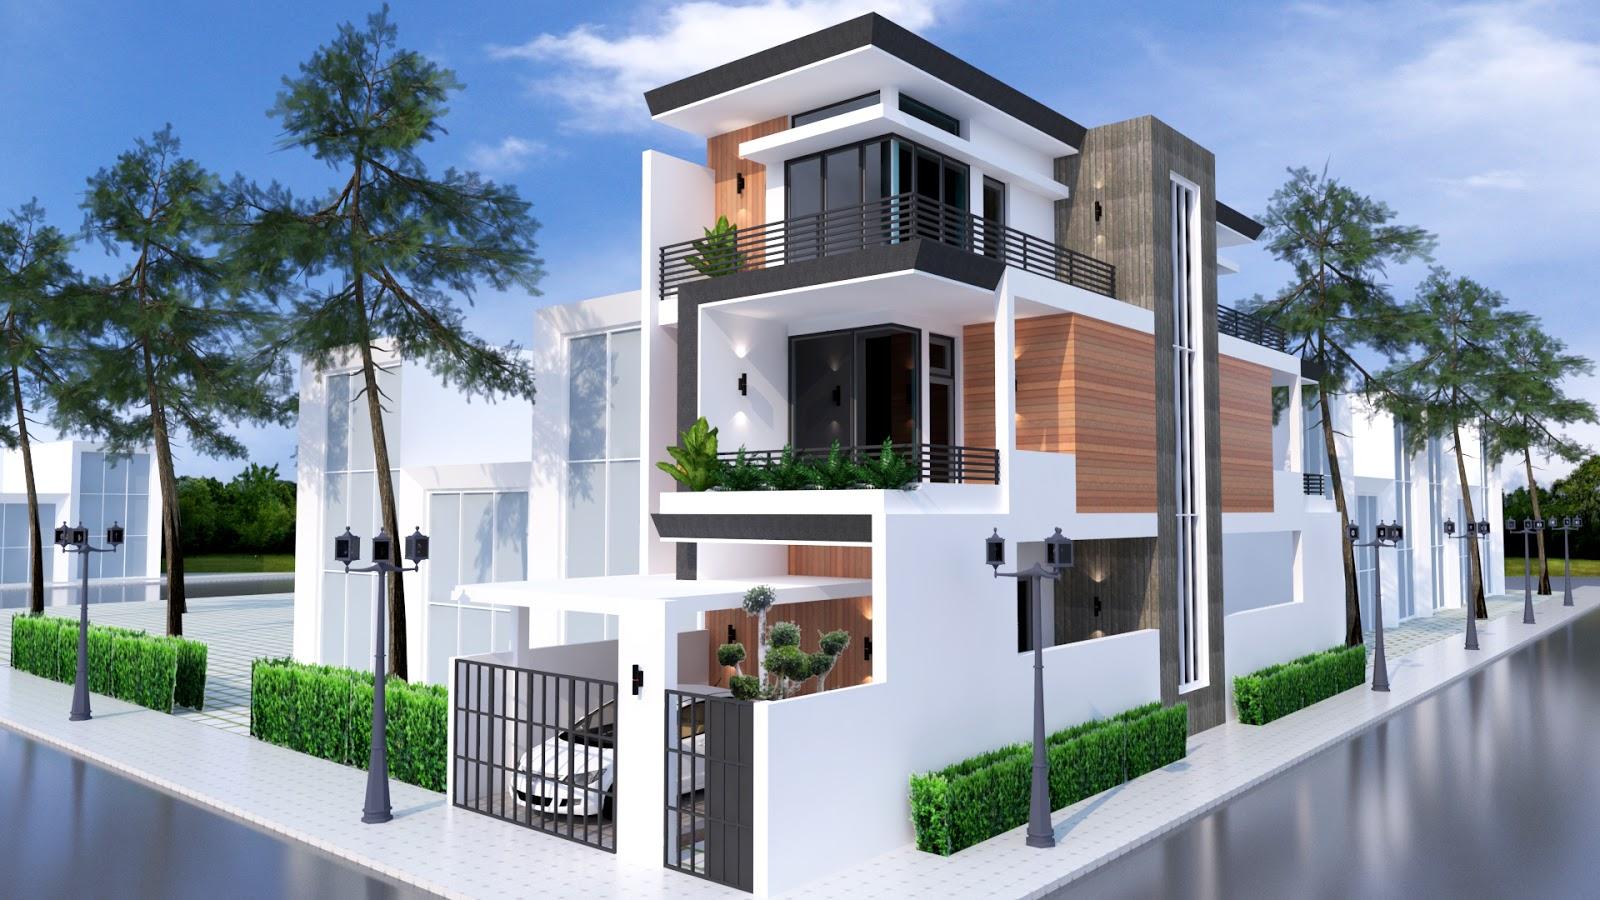 N Home Elevation U : Sketchup home elevation design m samphoas house plan